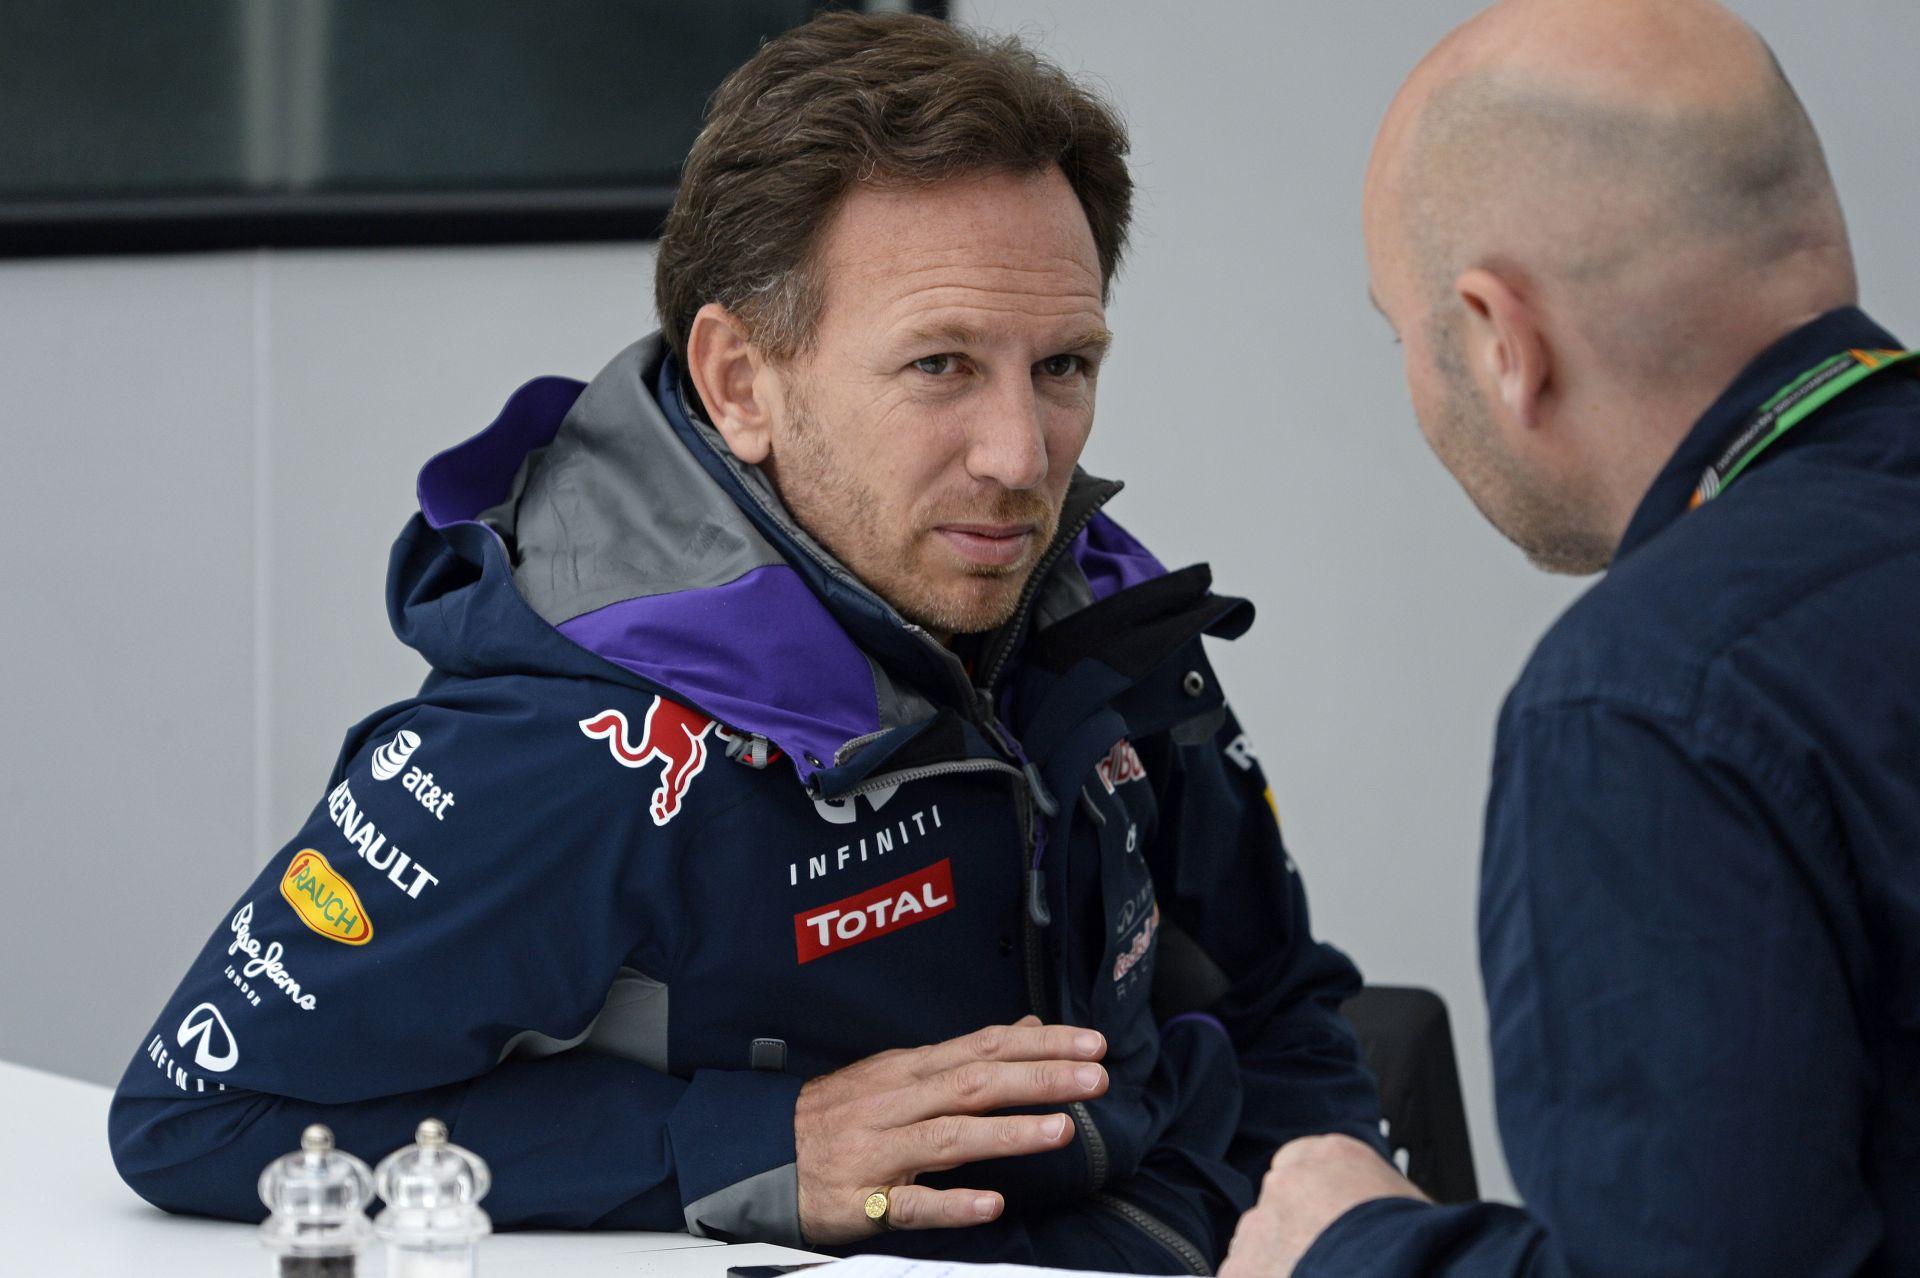 A Red Bull ismét nekiesett a Renault-nak - a Ferrari és a Mercedes ezért nem vállalja be a bikákat?